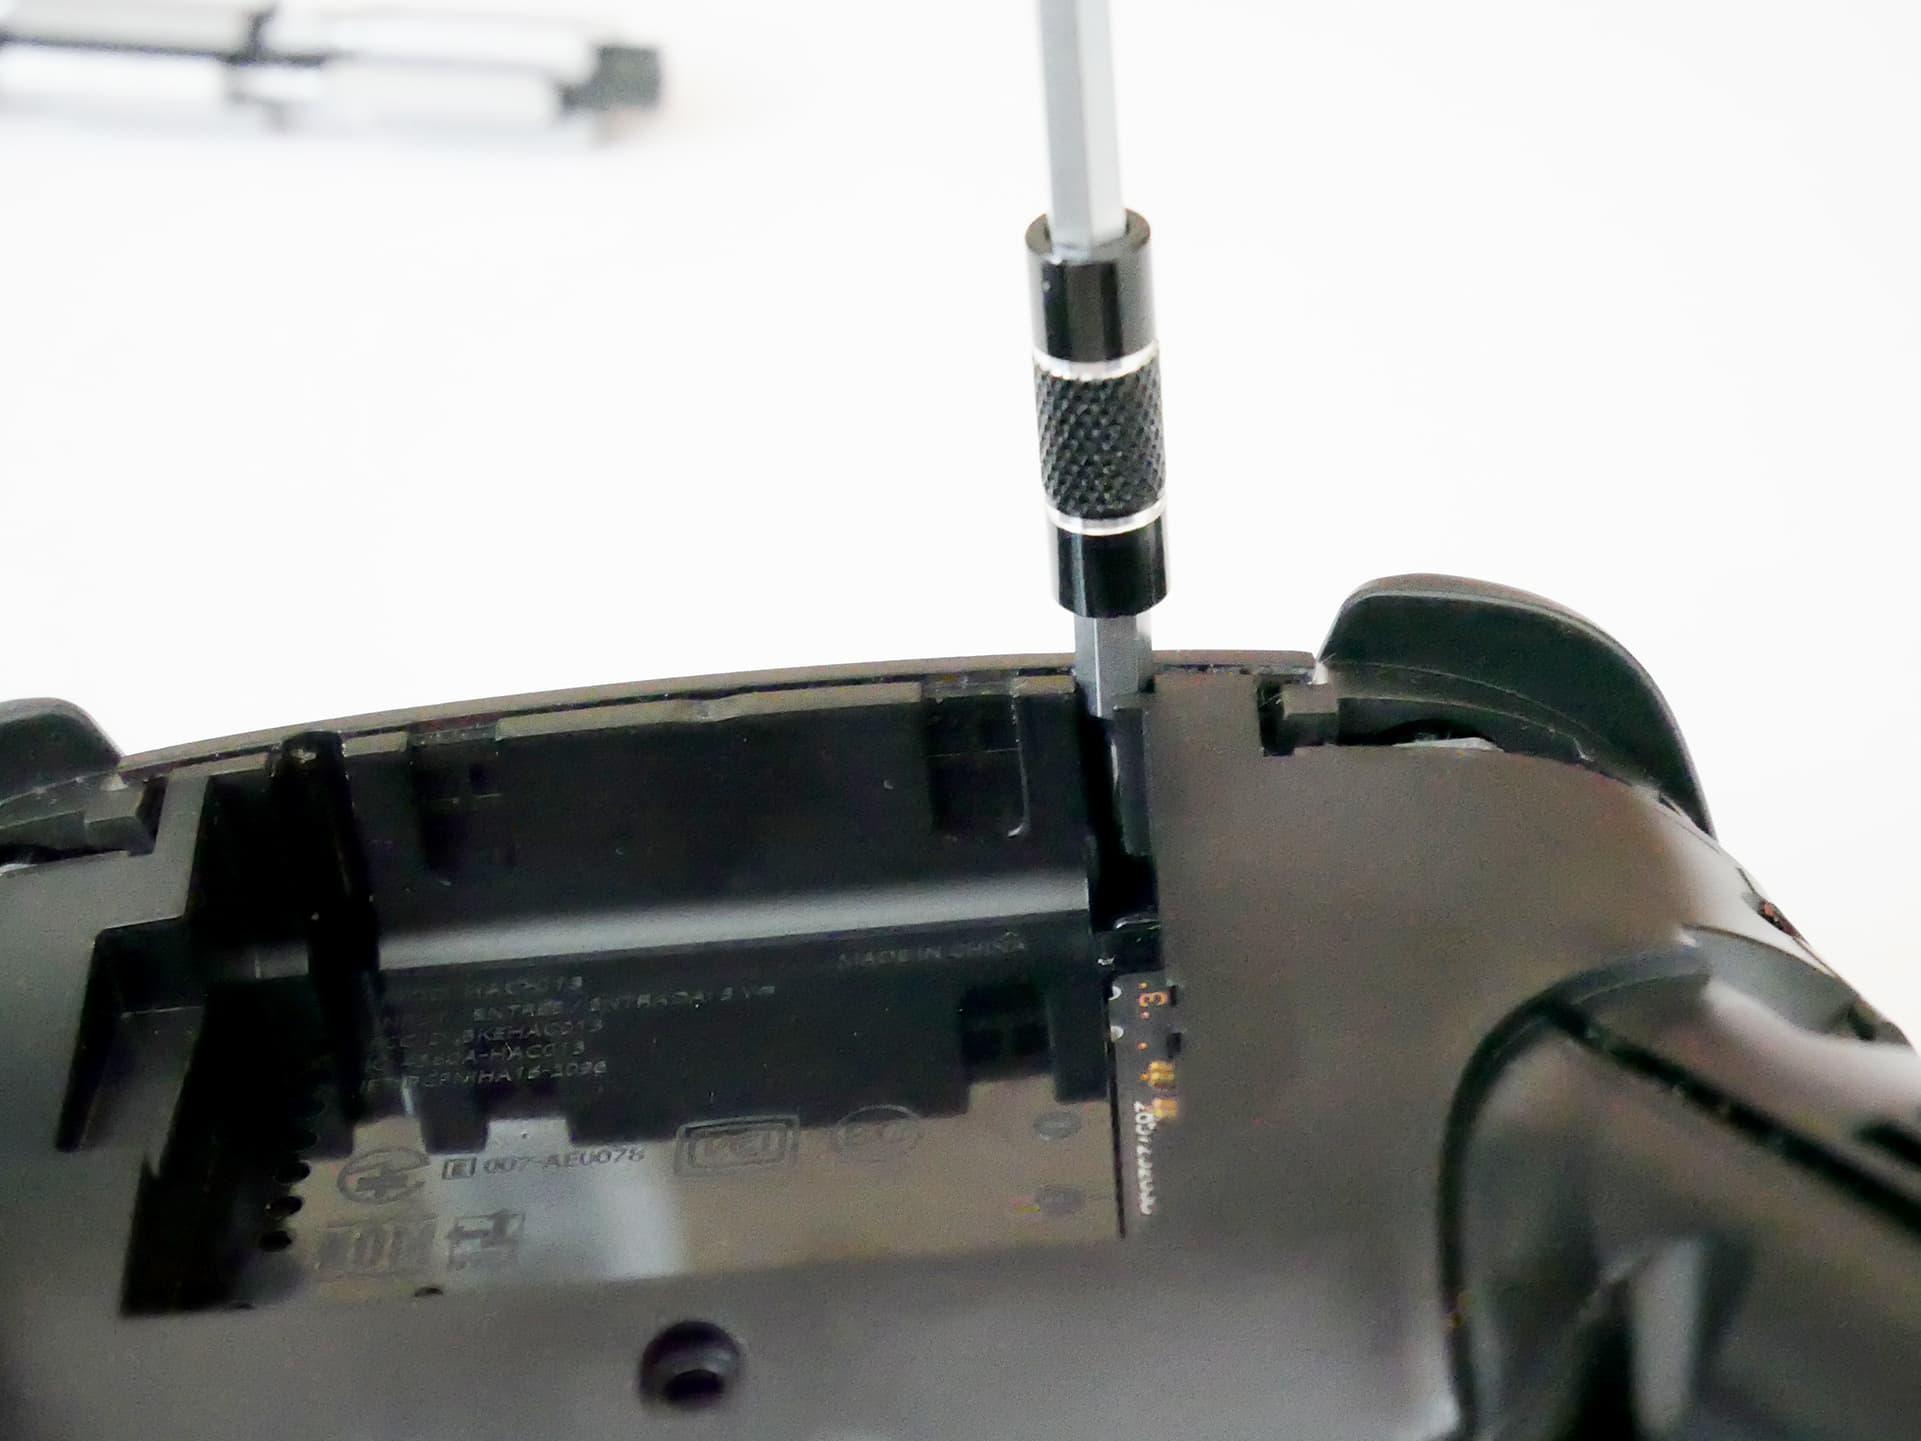 Nintendo Switch のプロコンをペン型電動ドライバーで分解している様子の写真